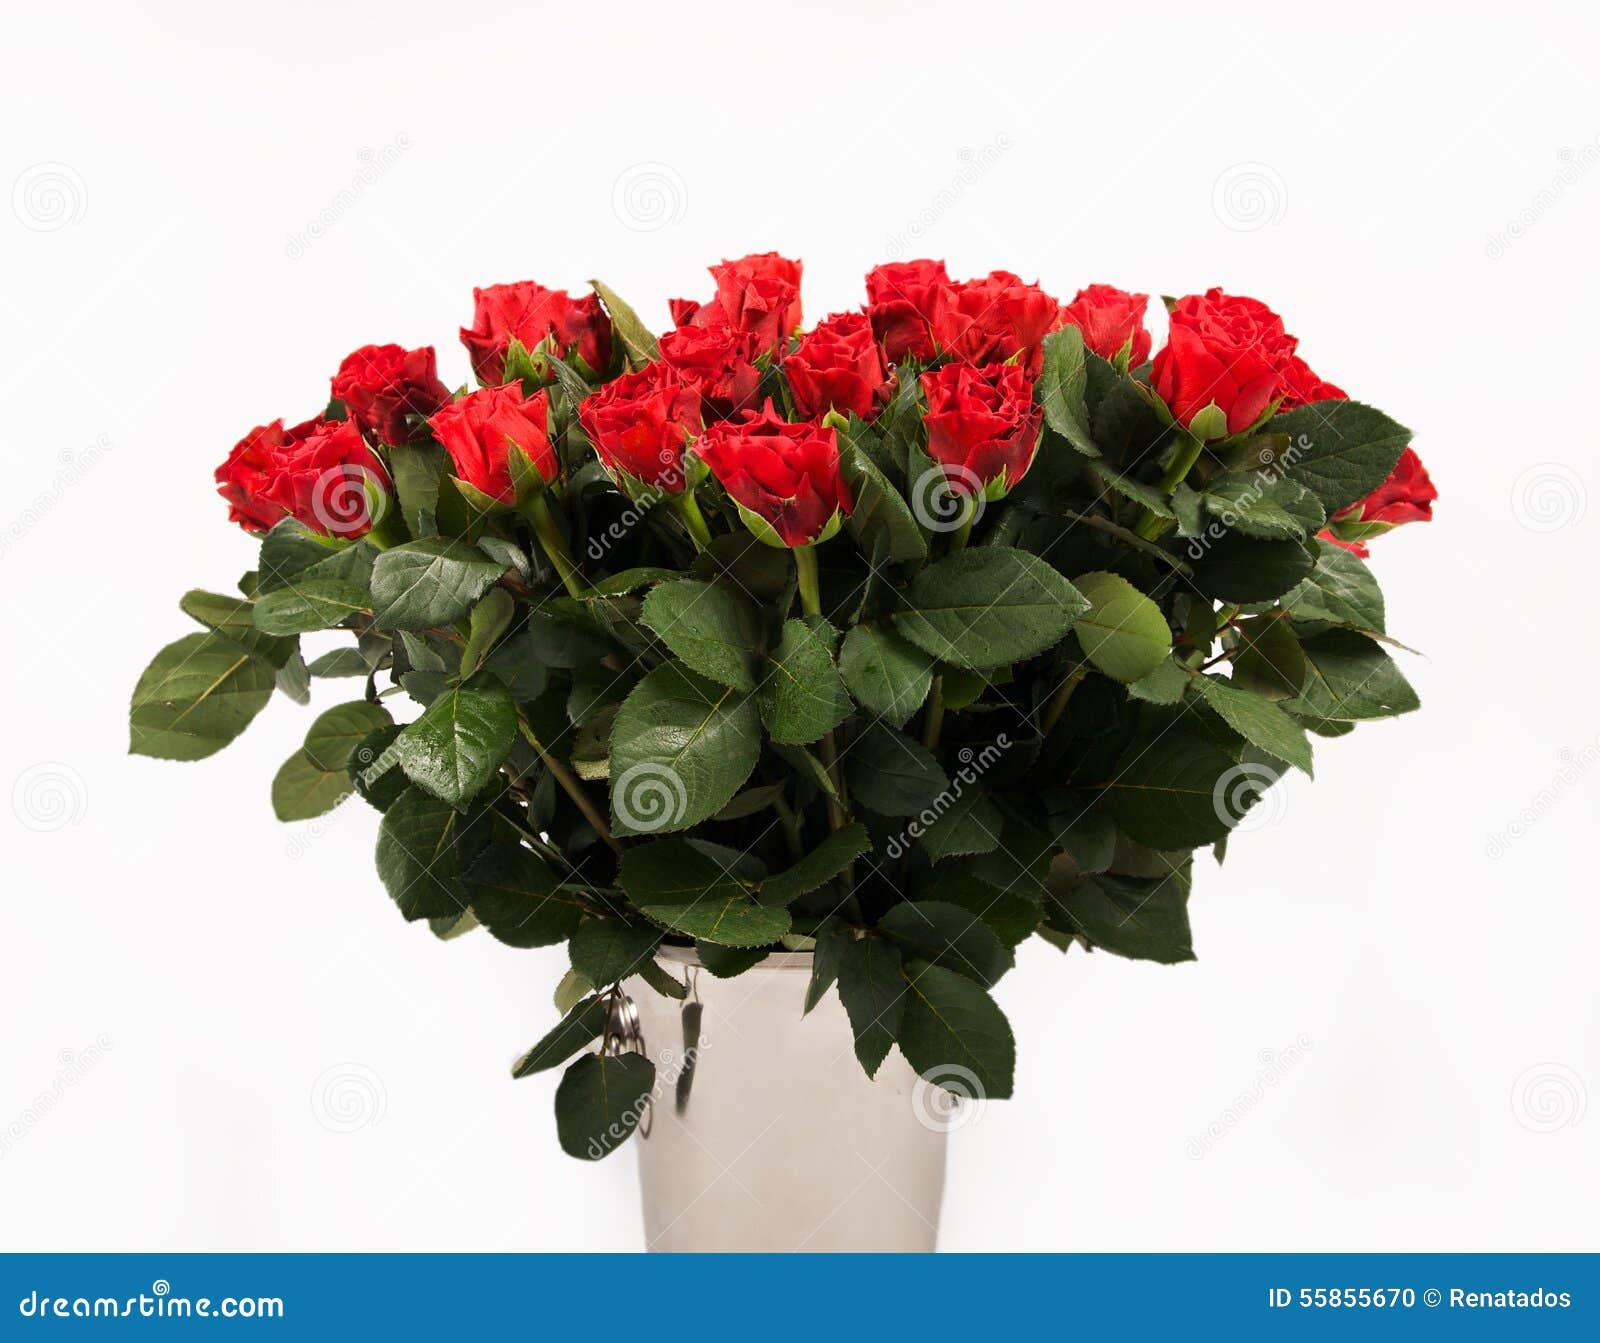 Im genes comunes del ramo grande de rosas rojas los - Ramos de flores grandes ...